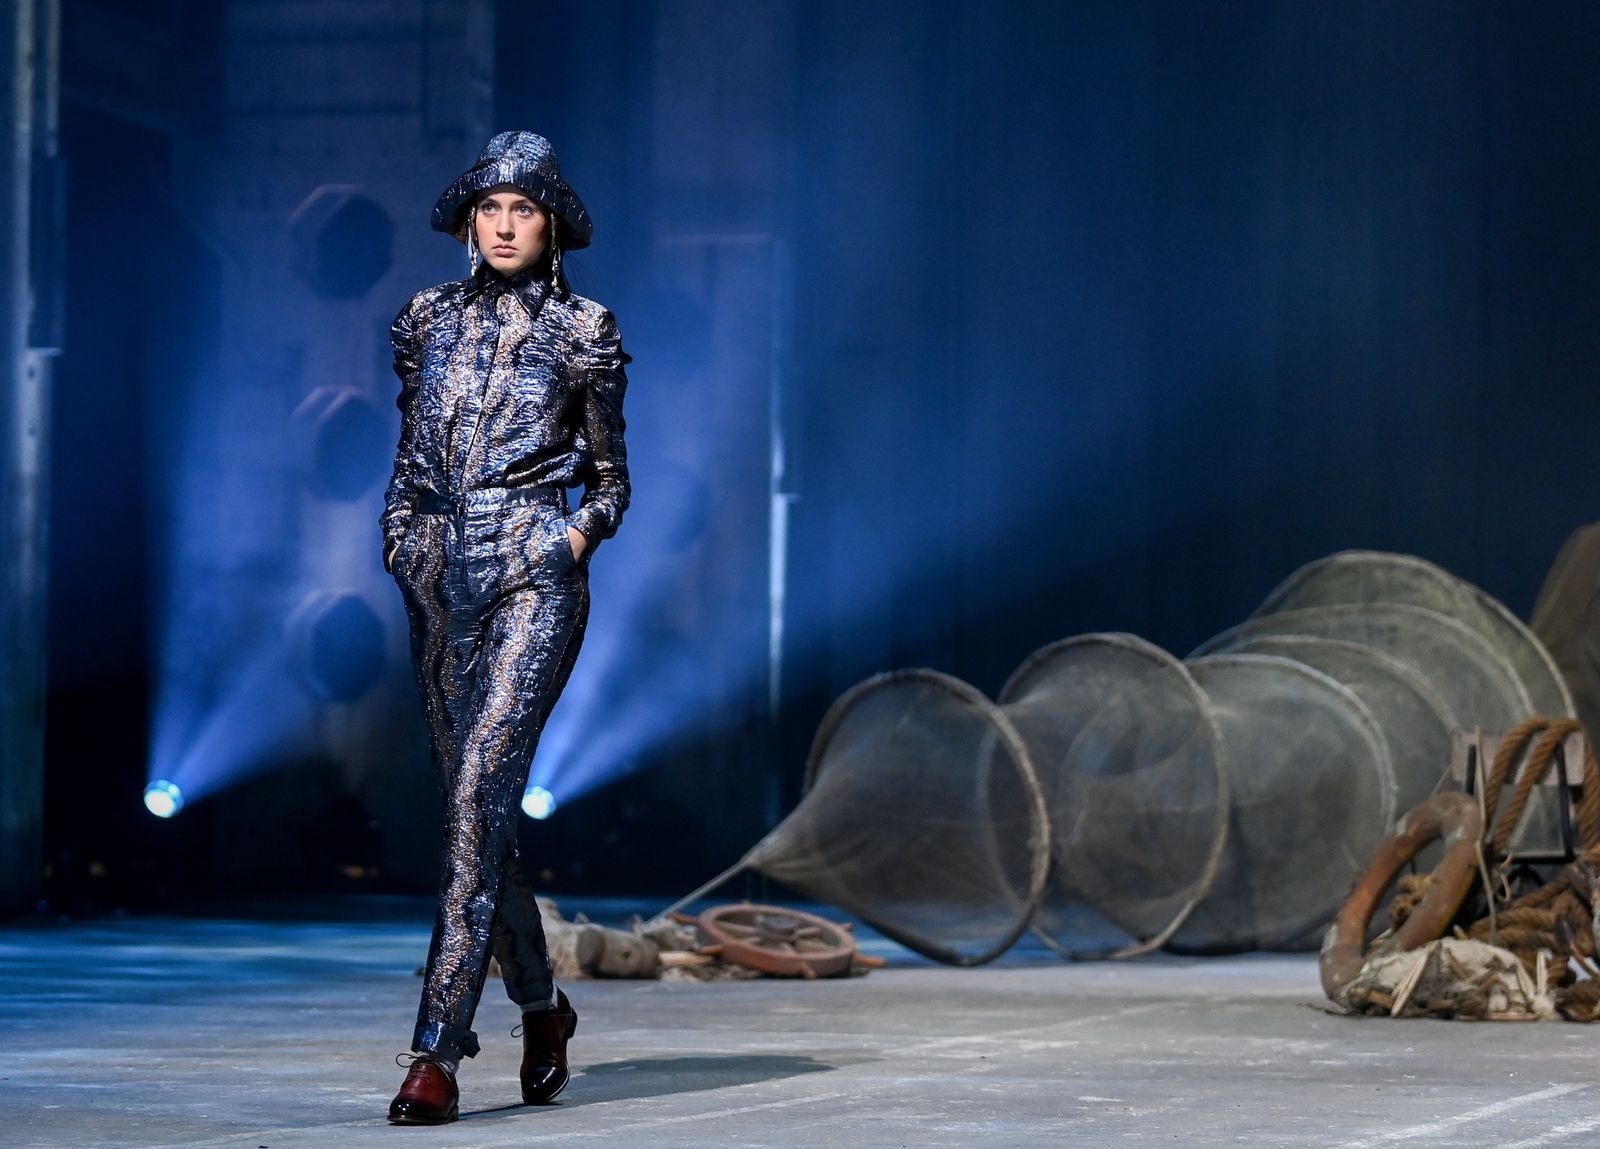 Berlin Fashion Week 2021 - Danny Reinke